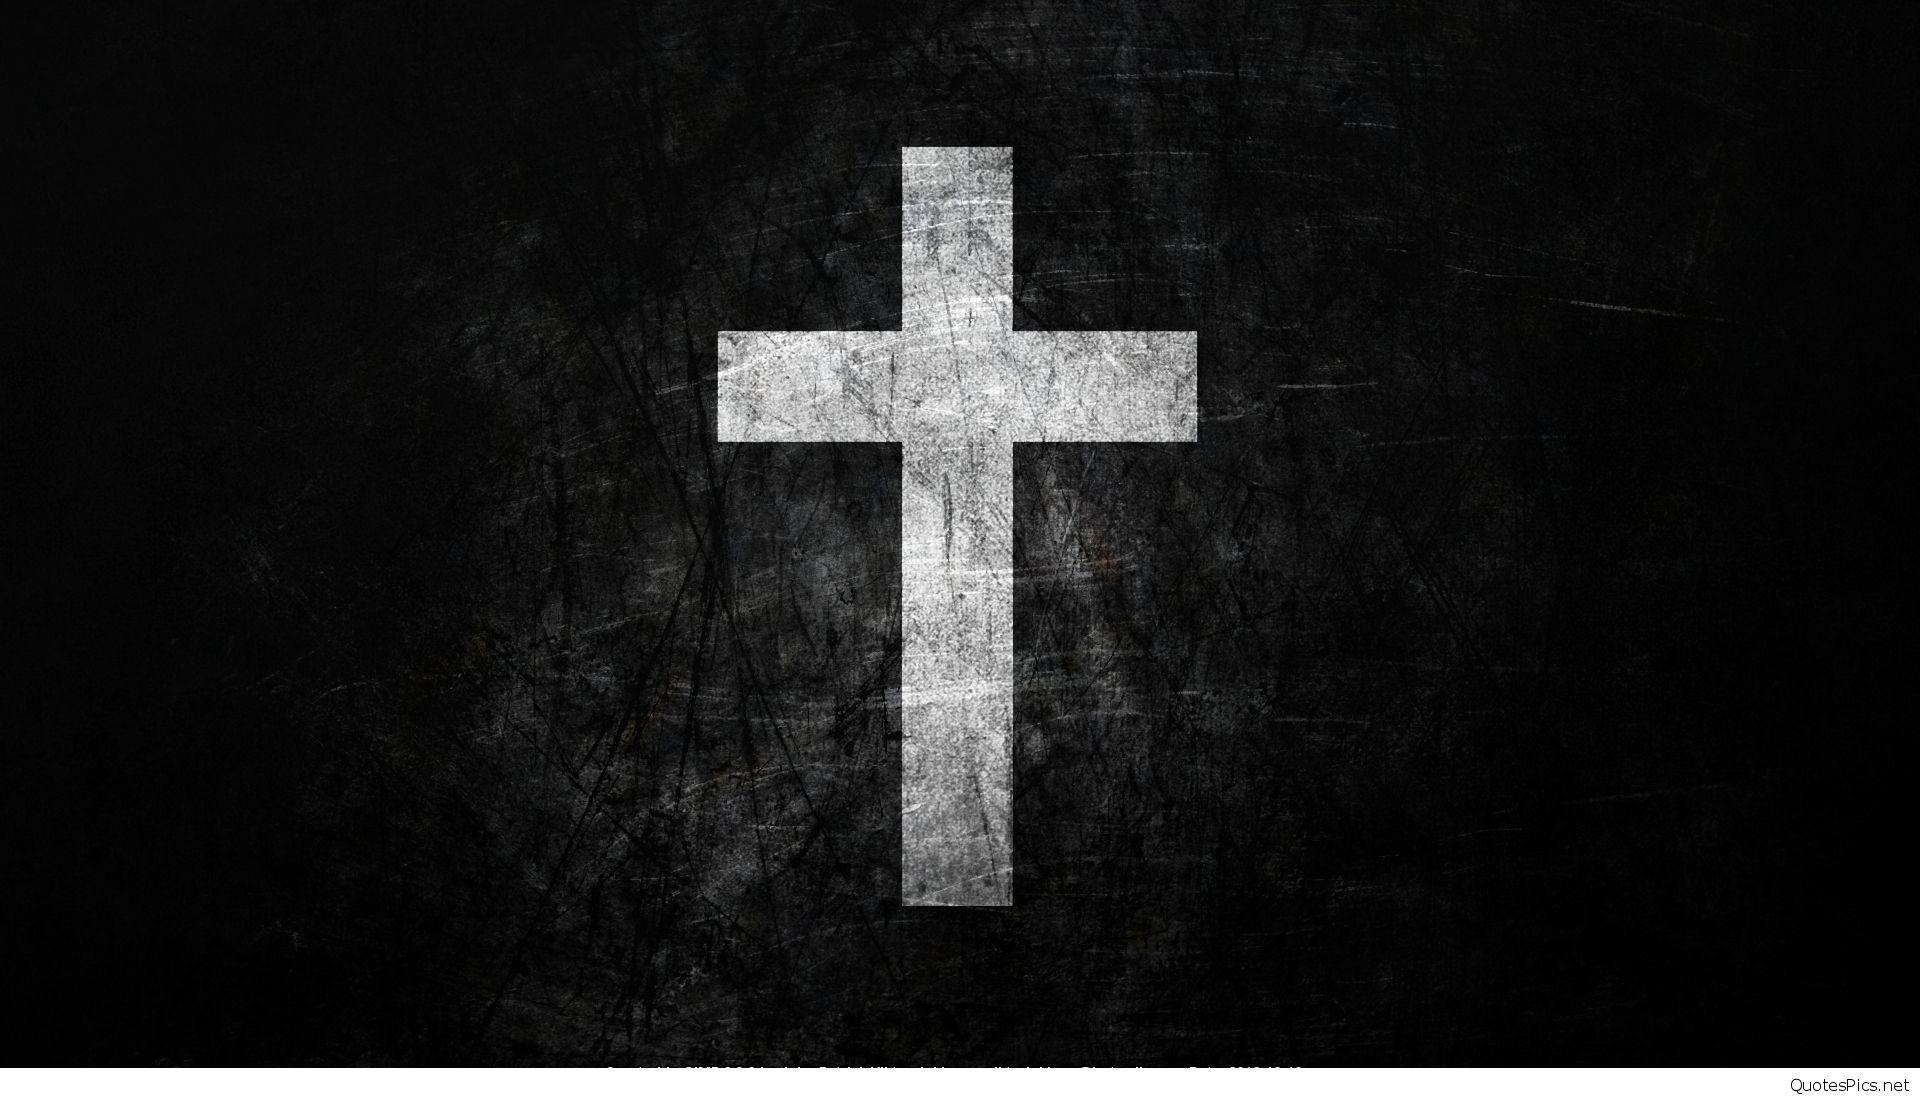 Christian Cross Wallpapers Wallpaper | HD Wallpapers | Pinterest | Cross  wallpaper, Wallpaper and Wallpaper backgrounds